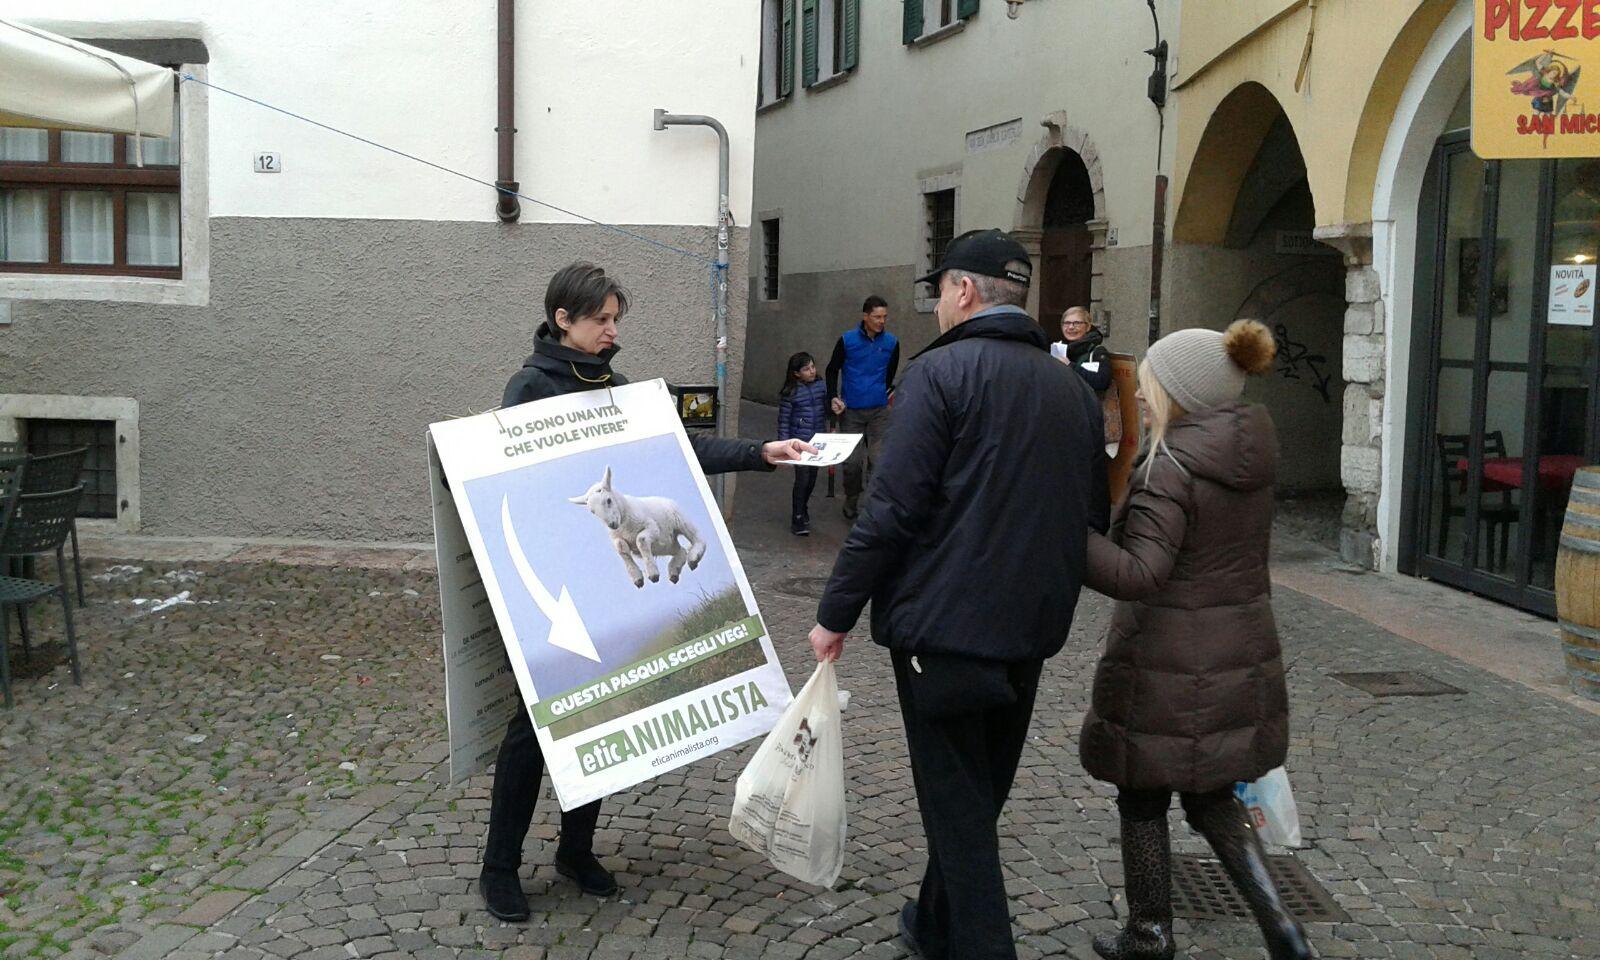 """IMG 20180330 WA0008 1 - """"A PASQUA NON UCCIDO"""" Manifestazione di protesta contro la strage pasquale di agnelli e capretti - 2018-"""